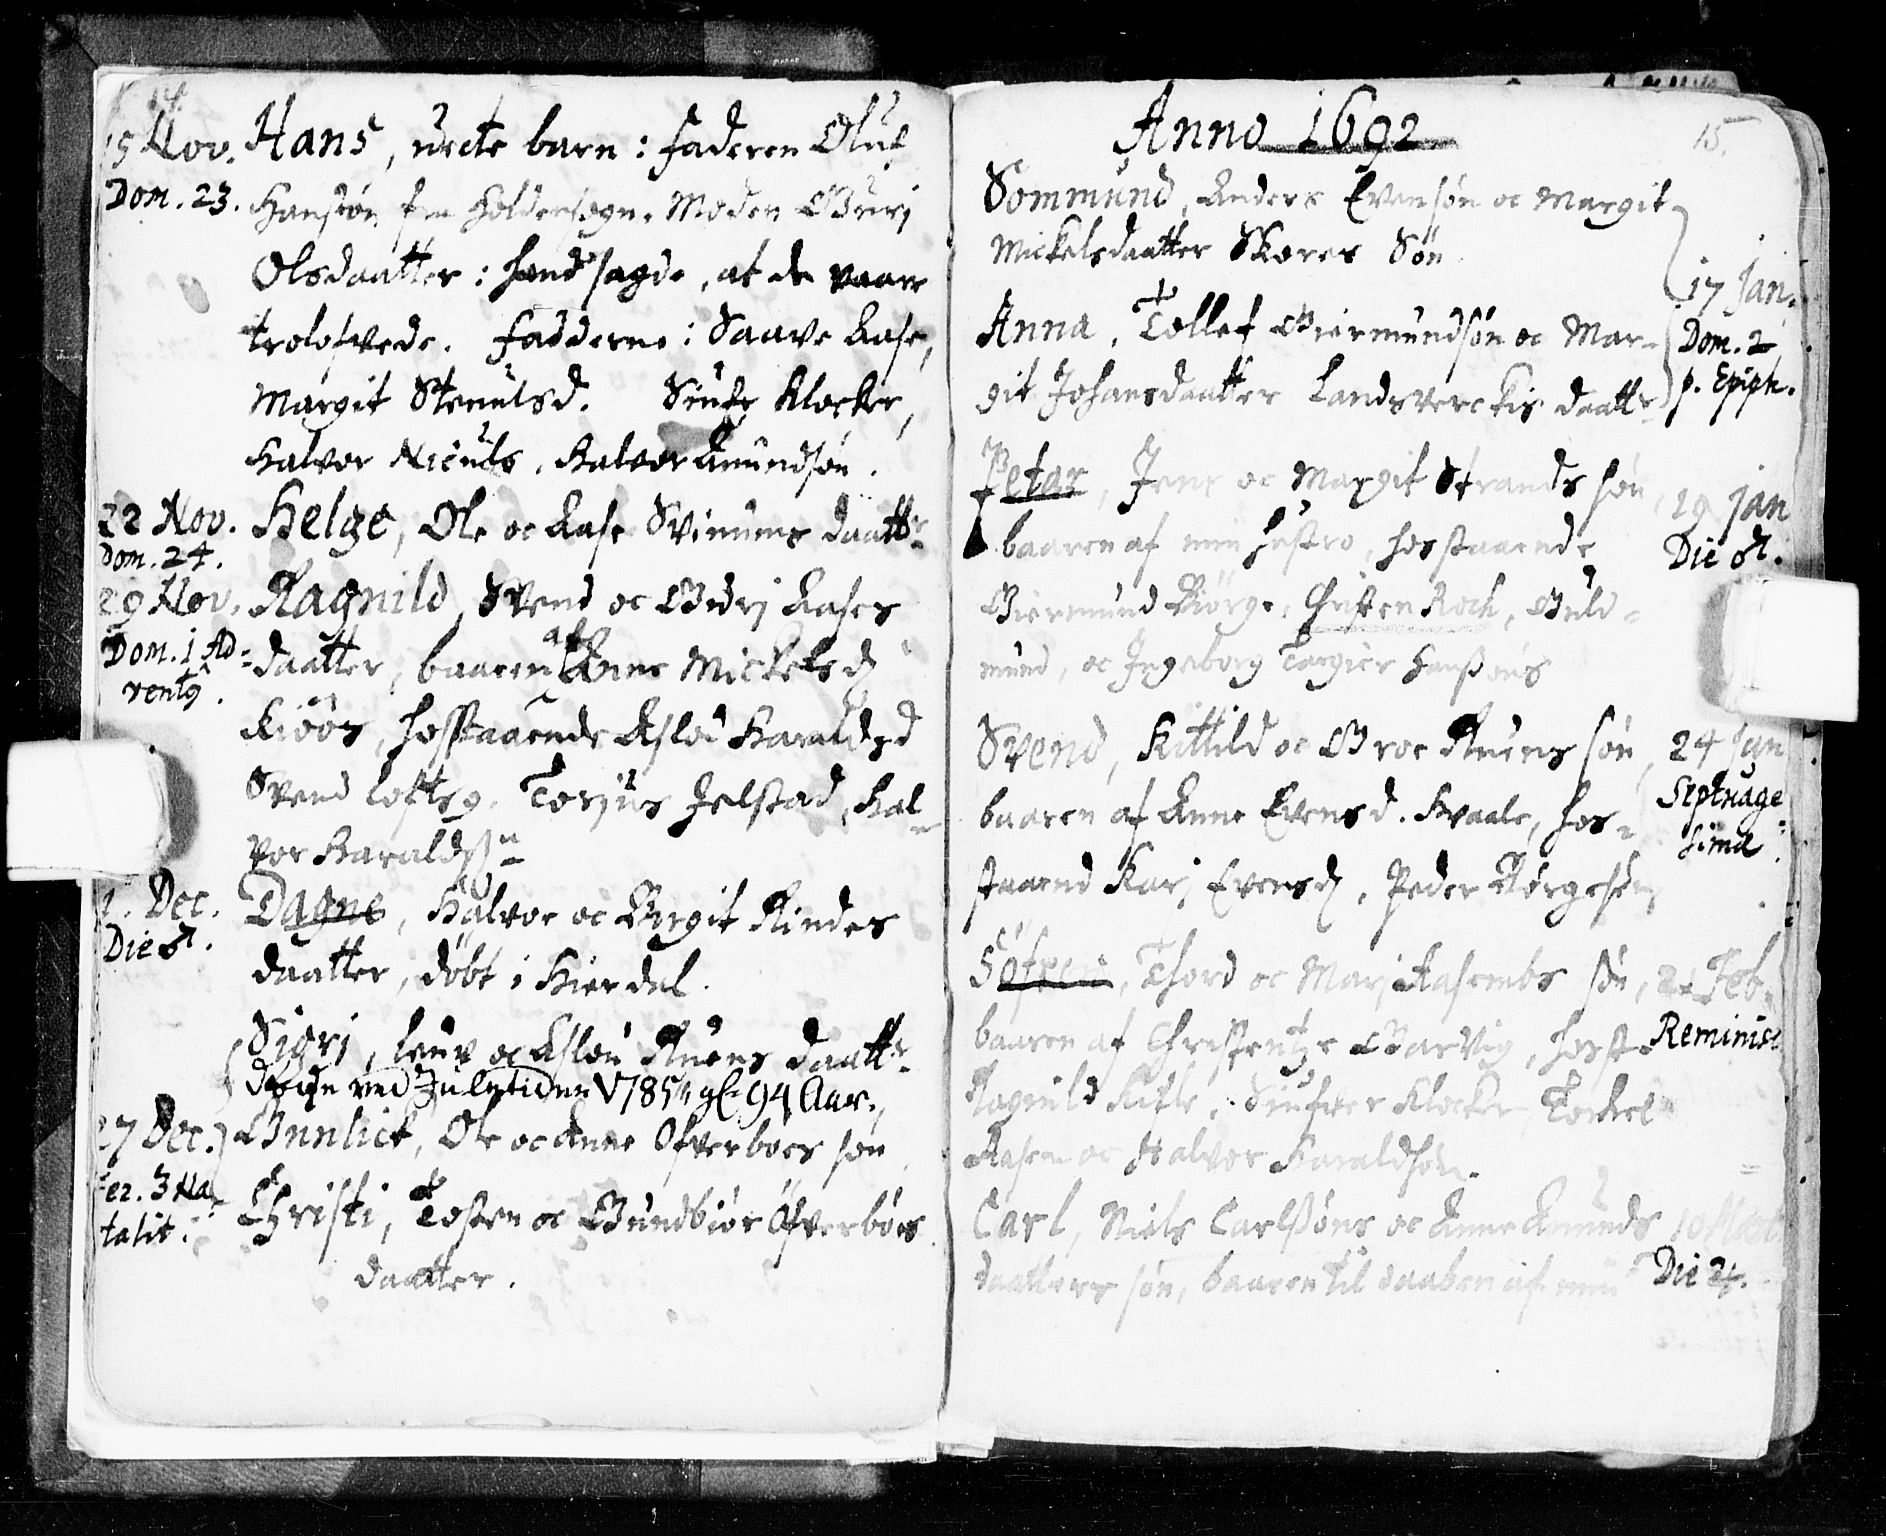 SAKO, Seljord kirkebøker, F/Fa/L0002: Ministerialbok nr. I 2, 1689-1713, s. 14-15